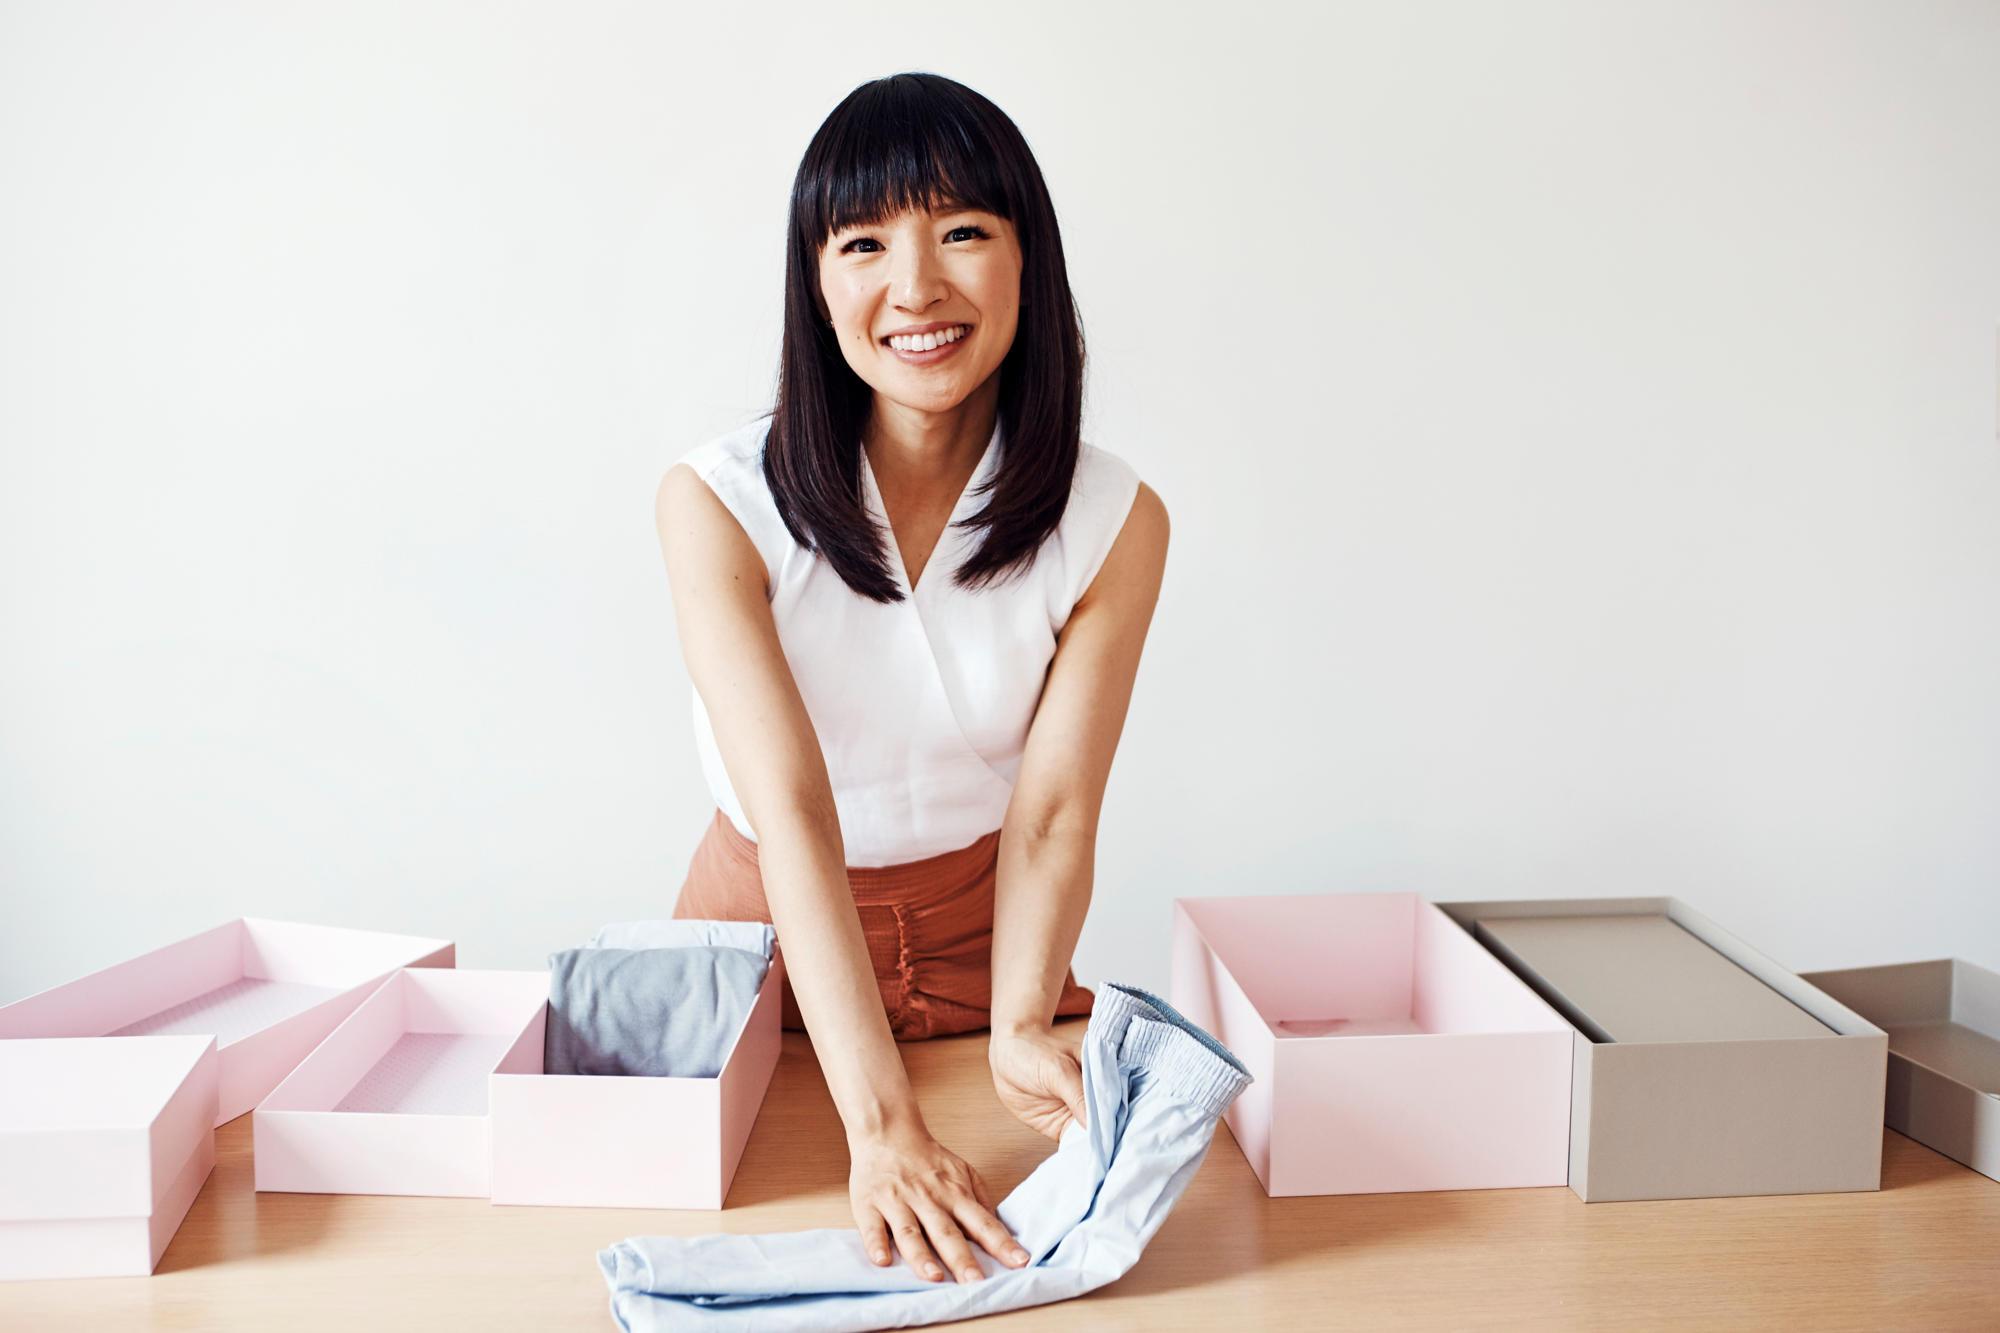 Наведите порядок всвоей жизни: 6 топ-советов отгуру Мари Кондо, как правильно организовать пространство